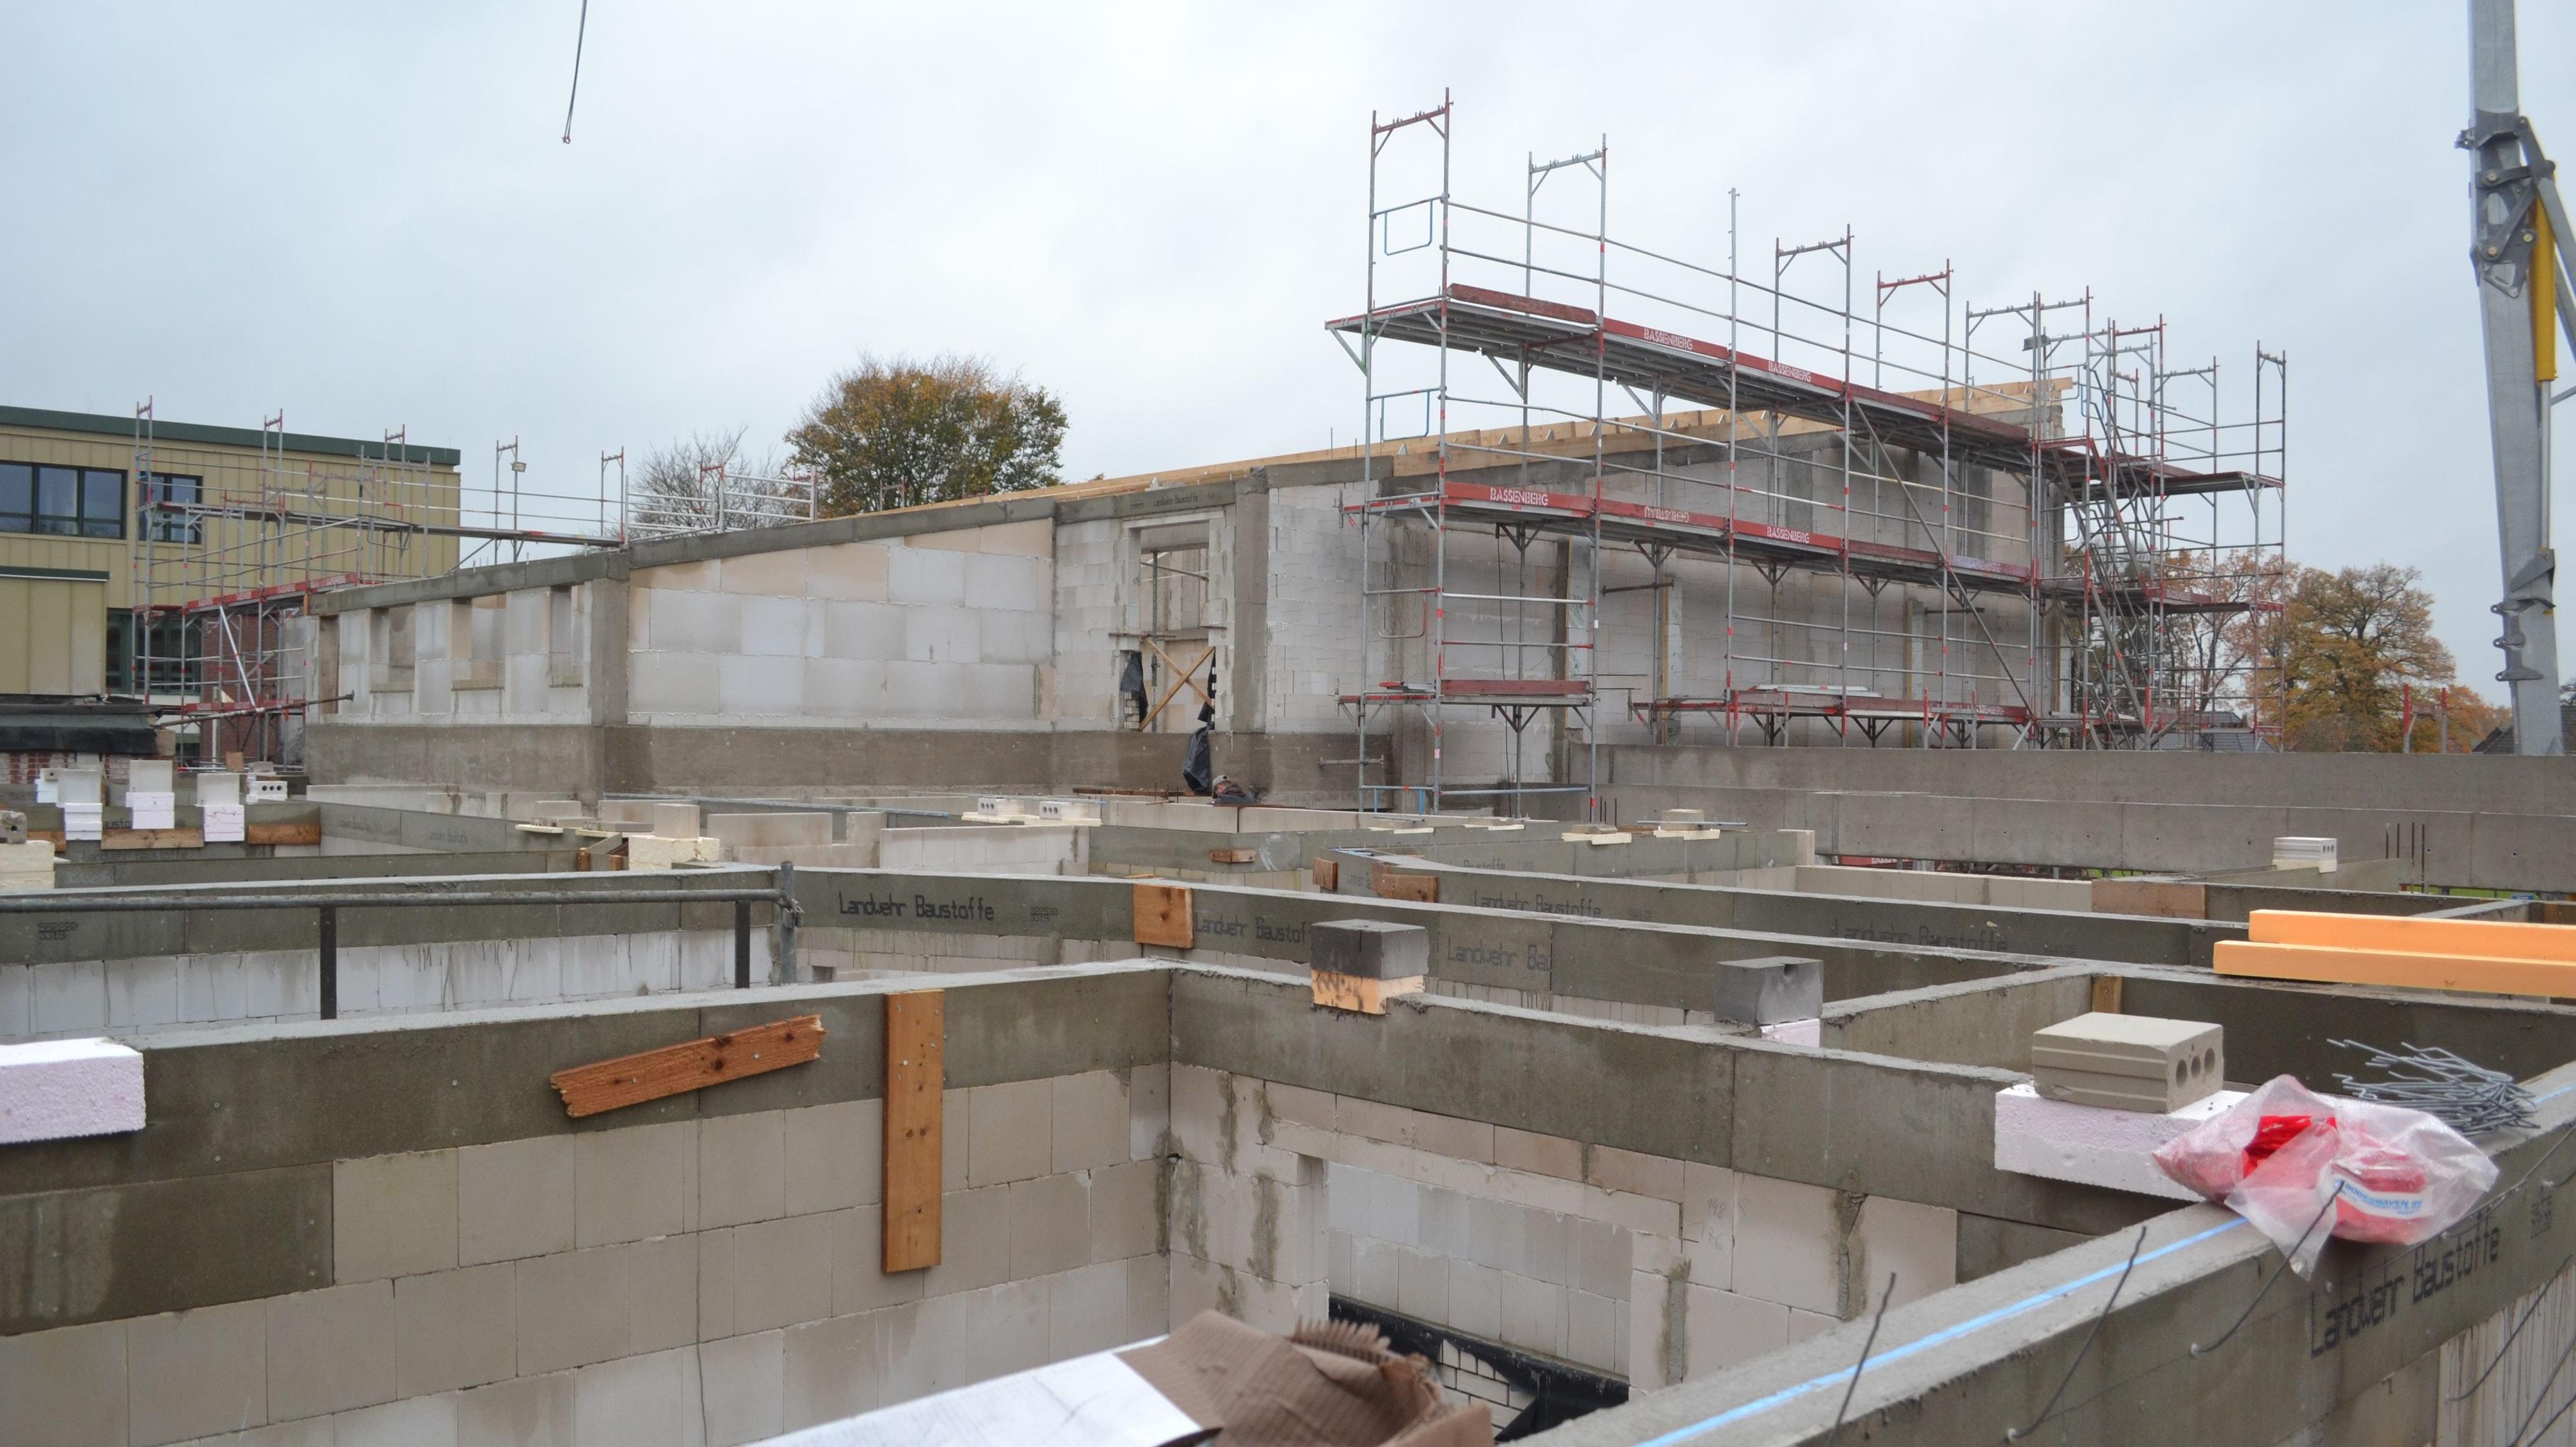 Bau kommt gut voran: Aktuell wird das Hauptdach der Sporthalle gerichtet. Foto: Schrimper